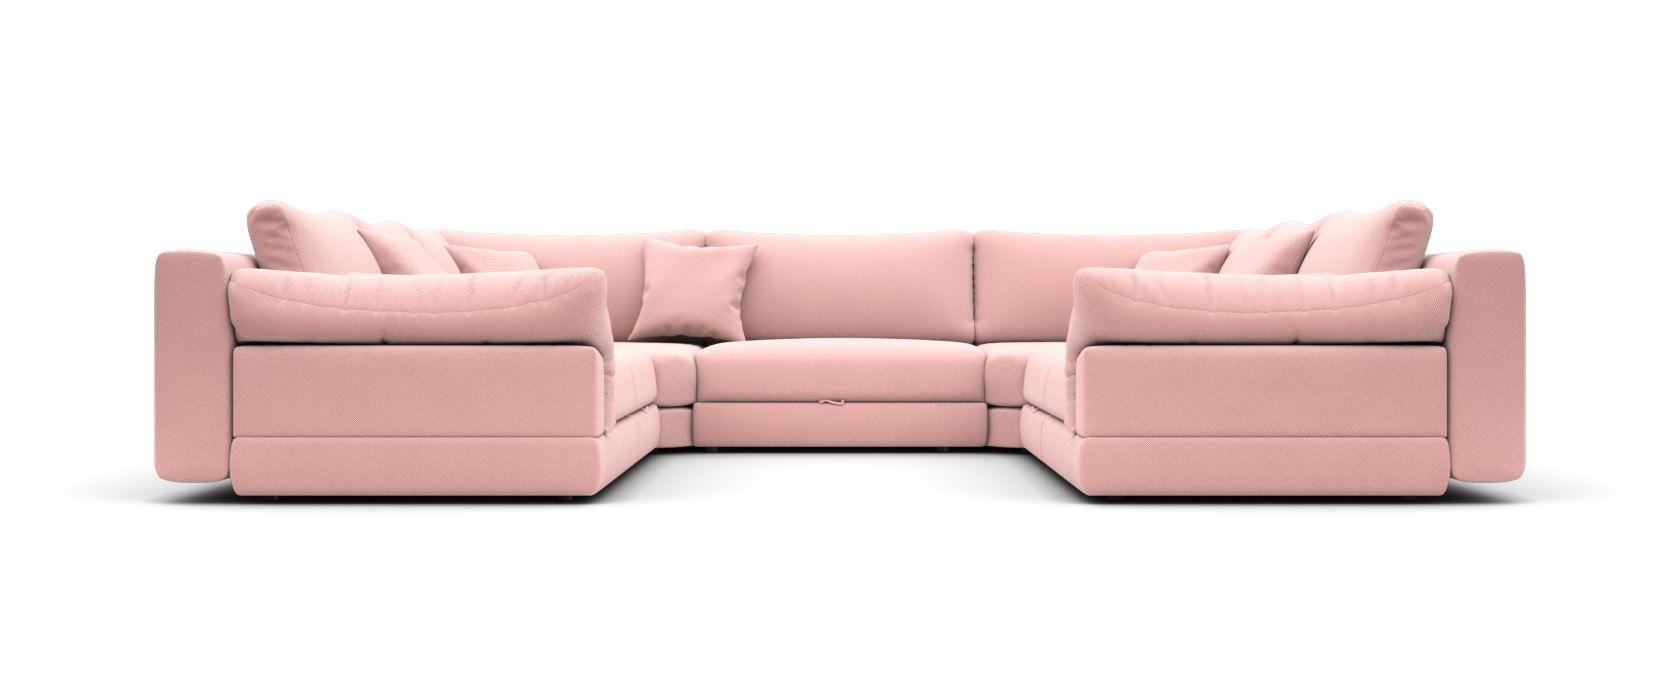 Модульный диван Claudia 340x355 - Pufetto